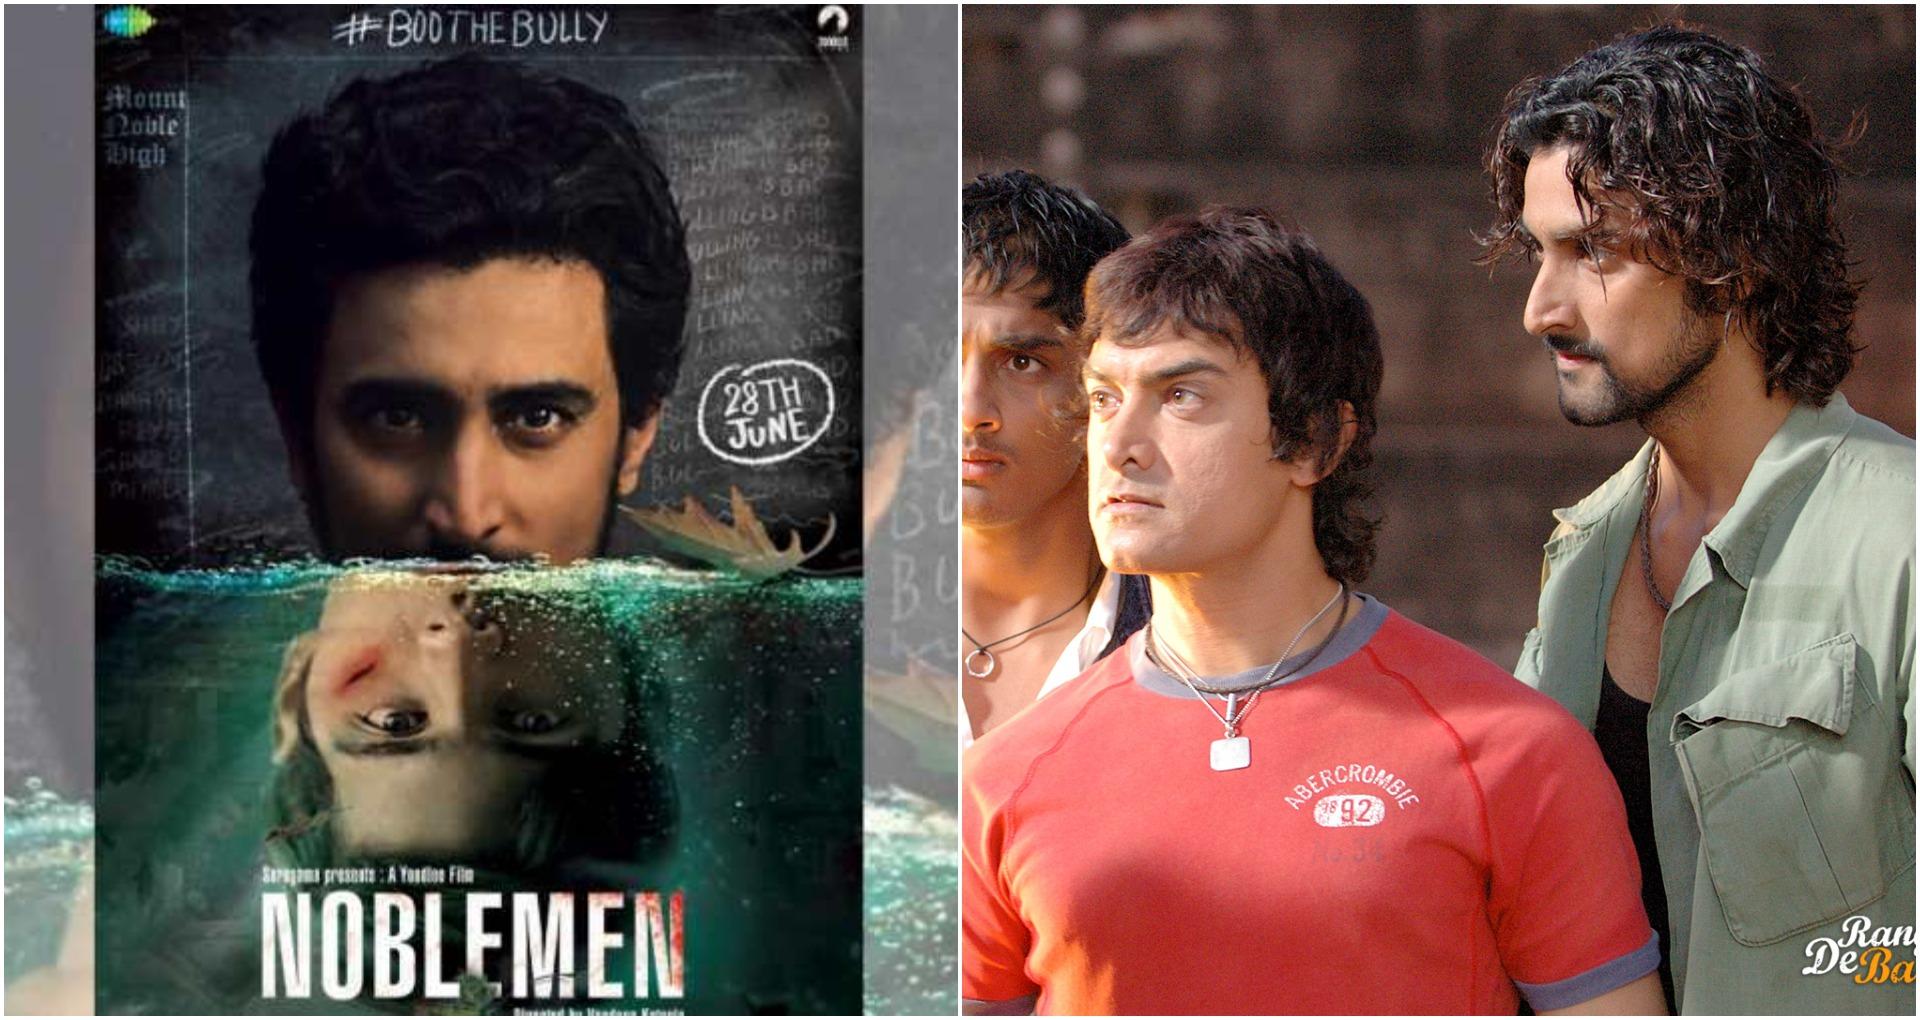 EXCLUSIVE: आमिर खान के साथ क्यों काम नहीं करते कुणाल कपूर? जानिए नोबलमैन एक्टर का जवाब